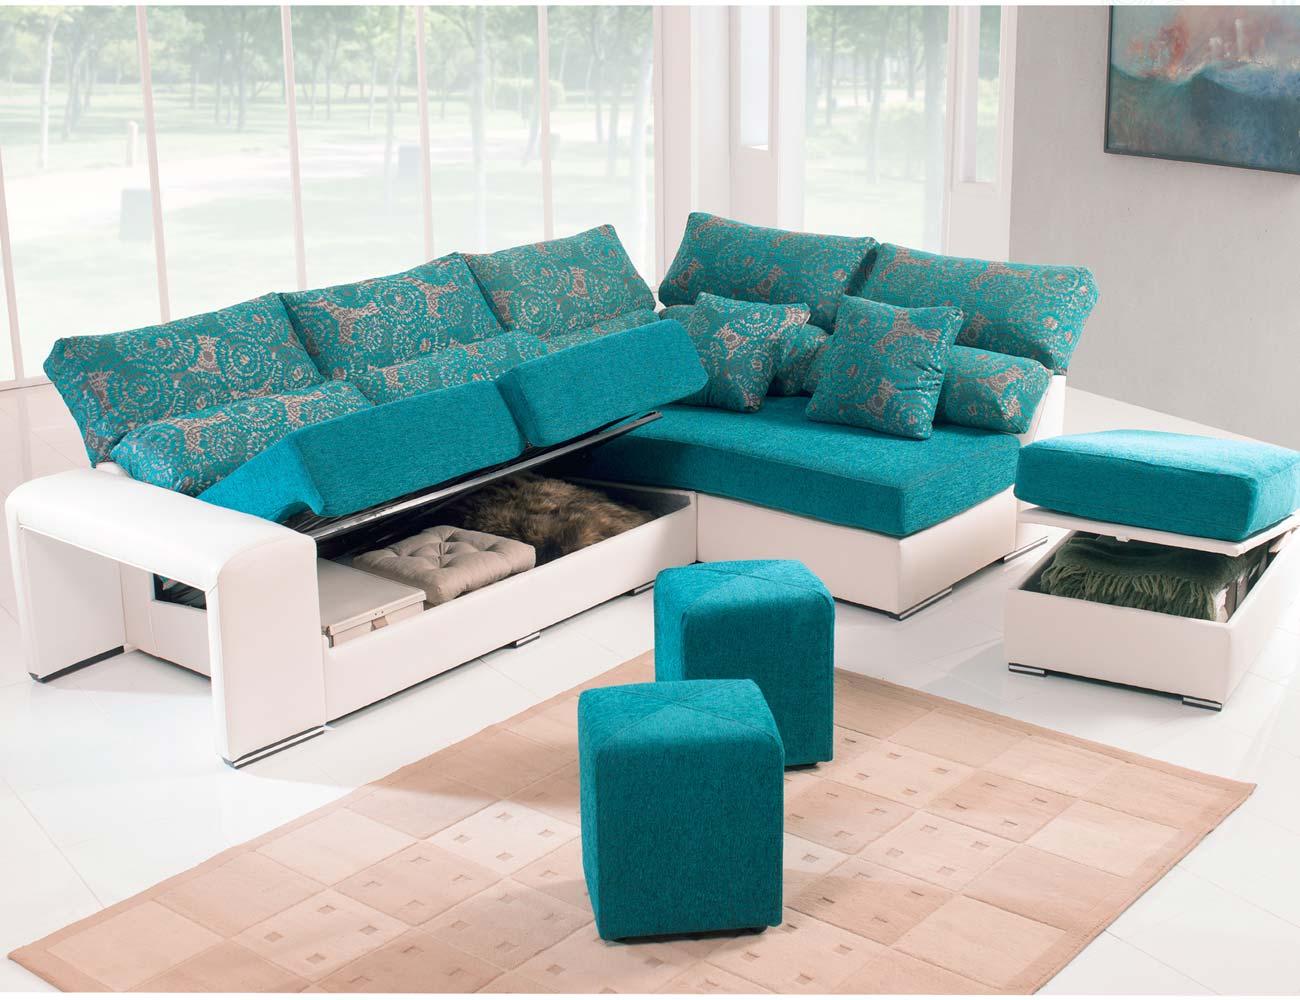 Sofa chaiselongue rincon puff arcon taburete7